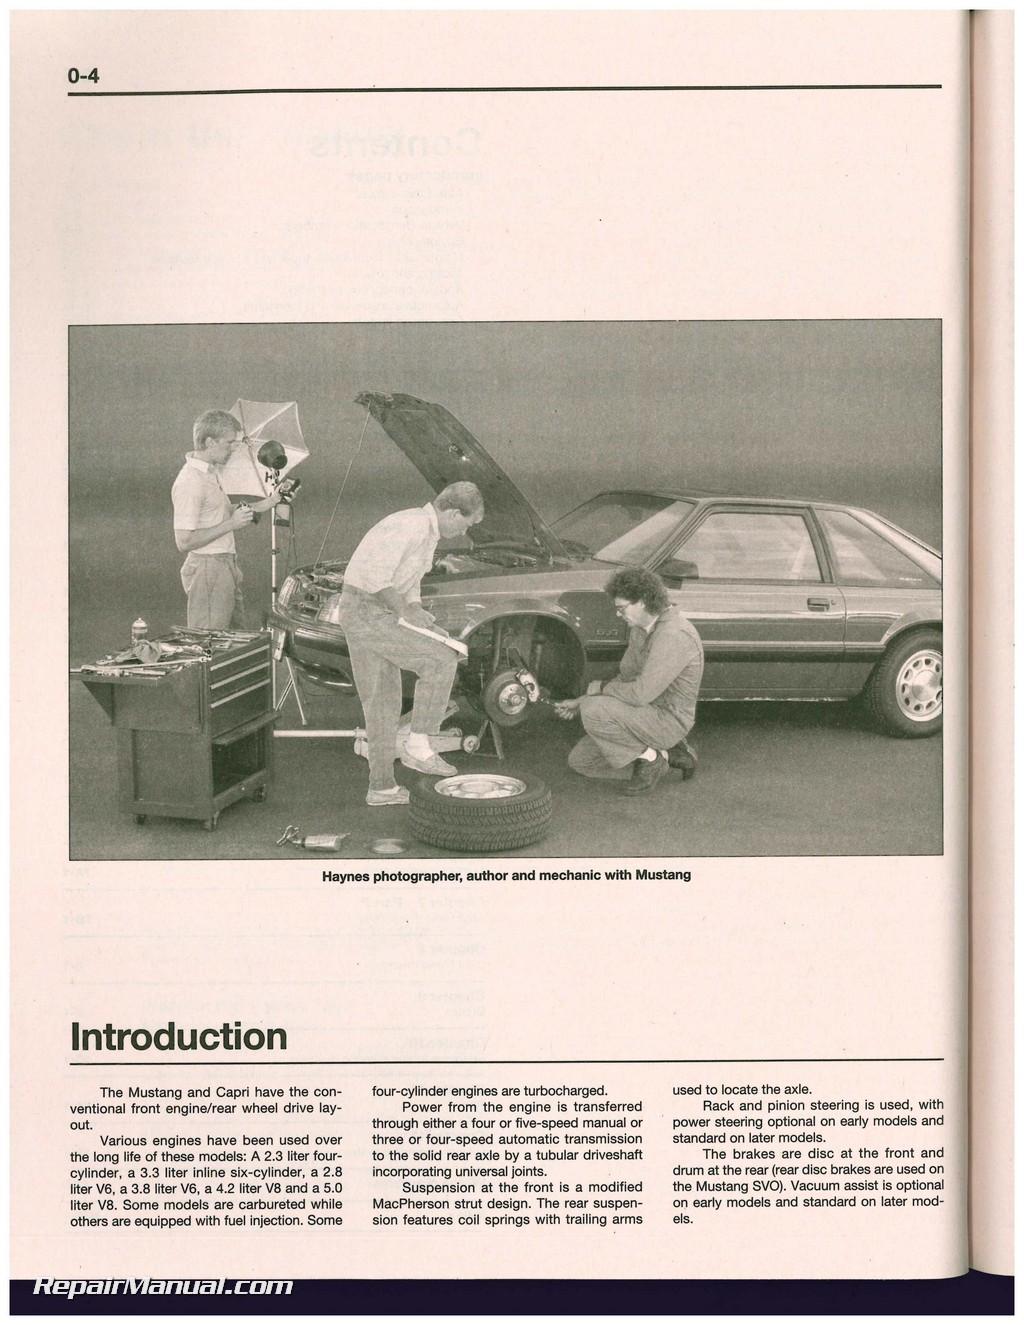 haynes ford mustang 1979 1993 mercury capri 1979 1986 auto repair manual rh repairmanual com Haynes Manual Pictures Back Haynes Manual for Quads